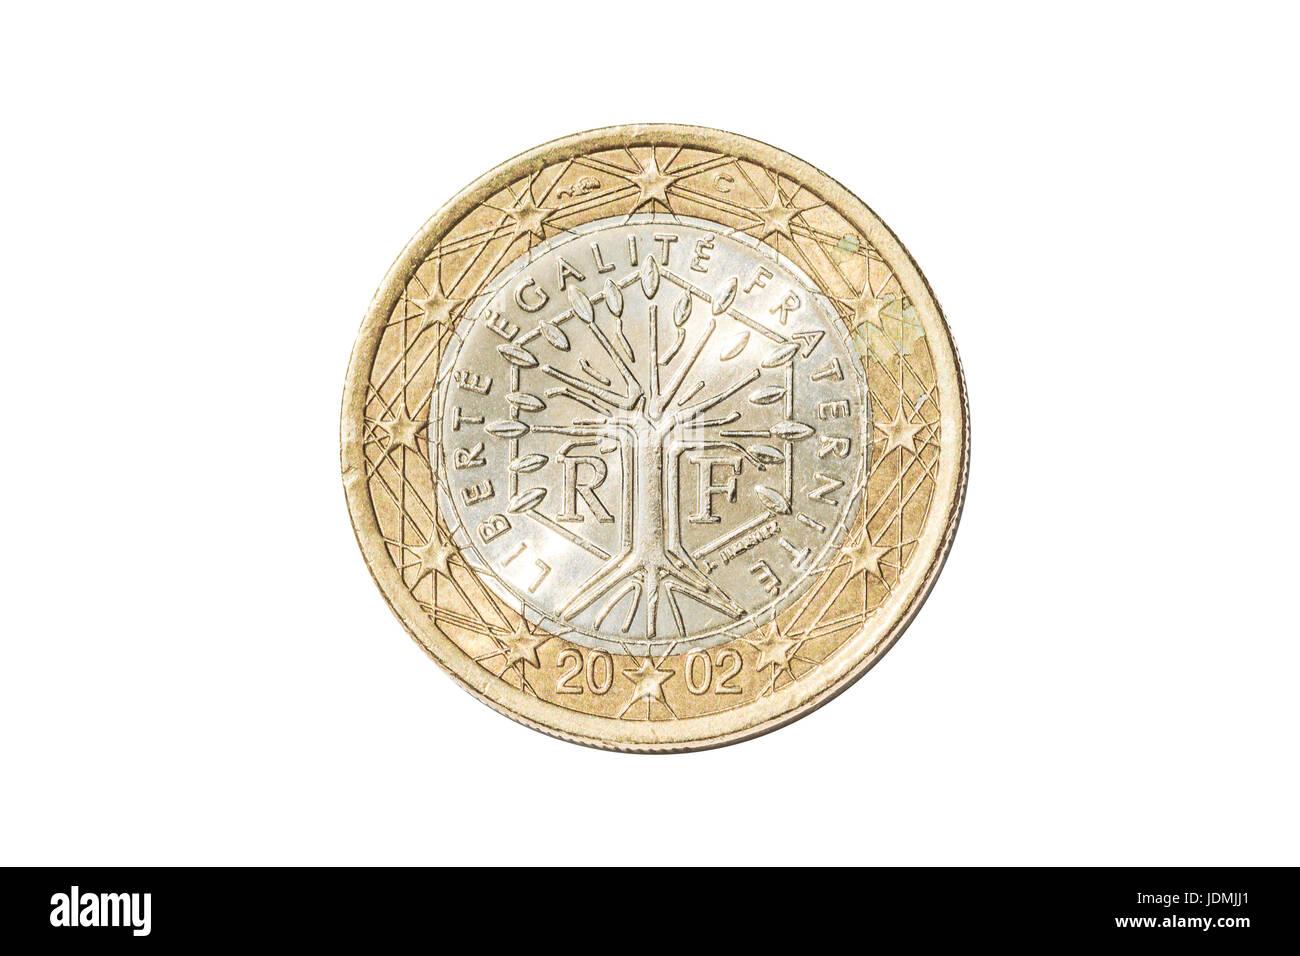 Frankreich Ein Euro Münze Stockfoto Bild 146127129 Alamy